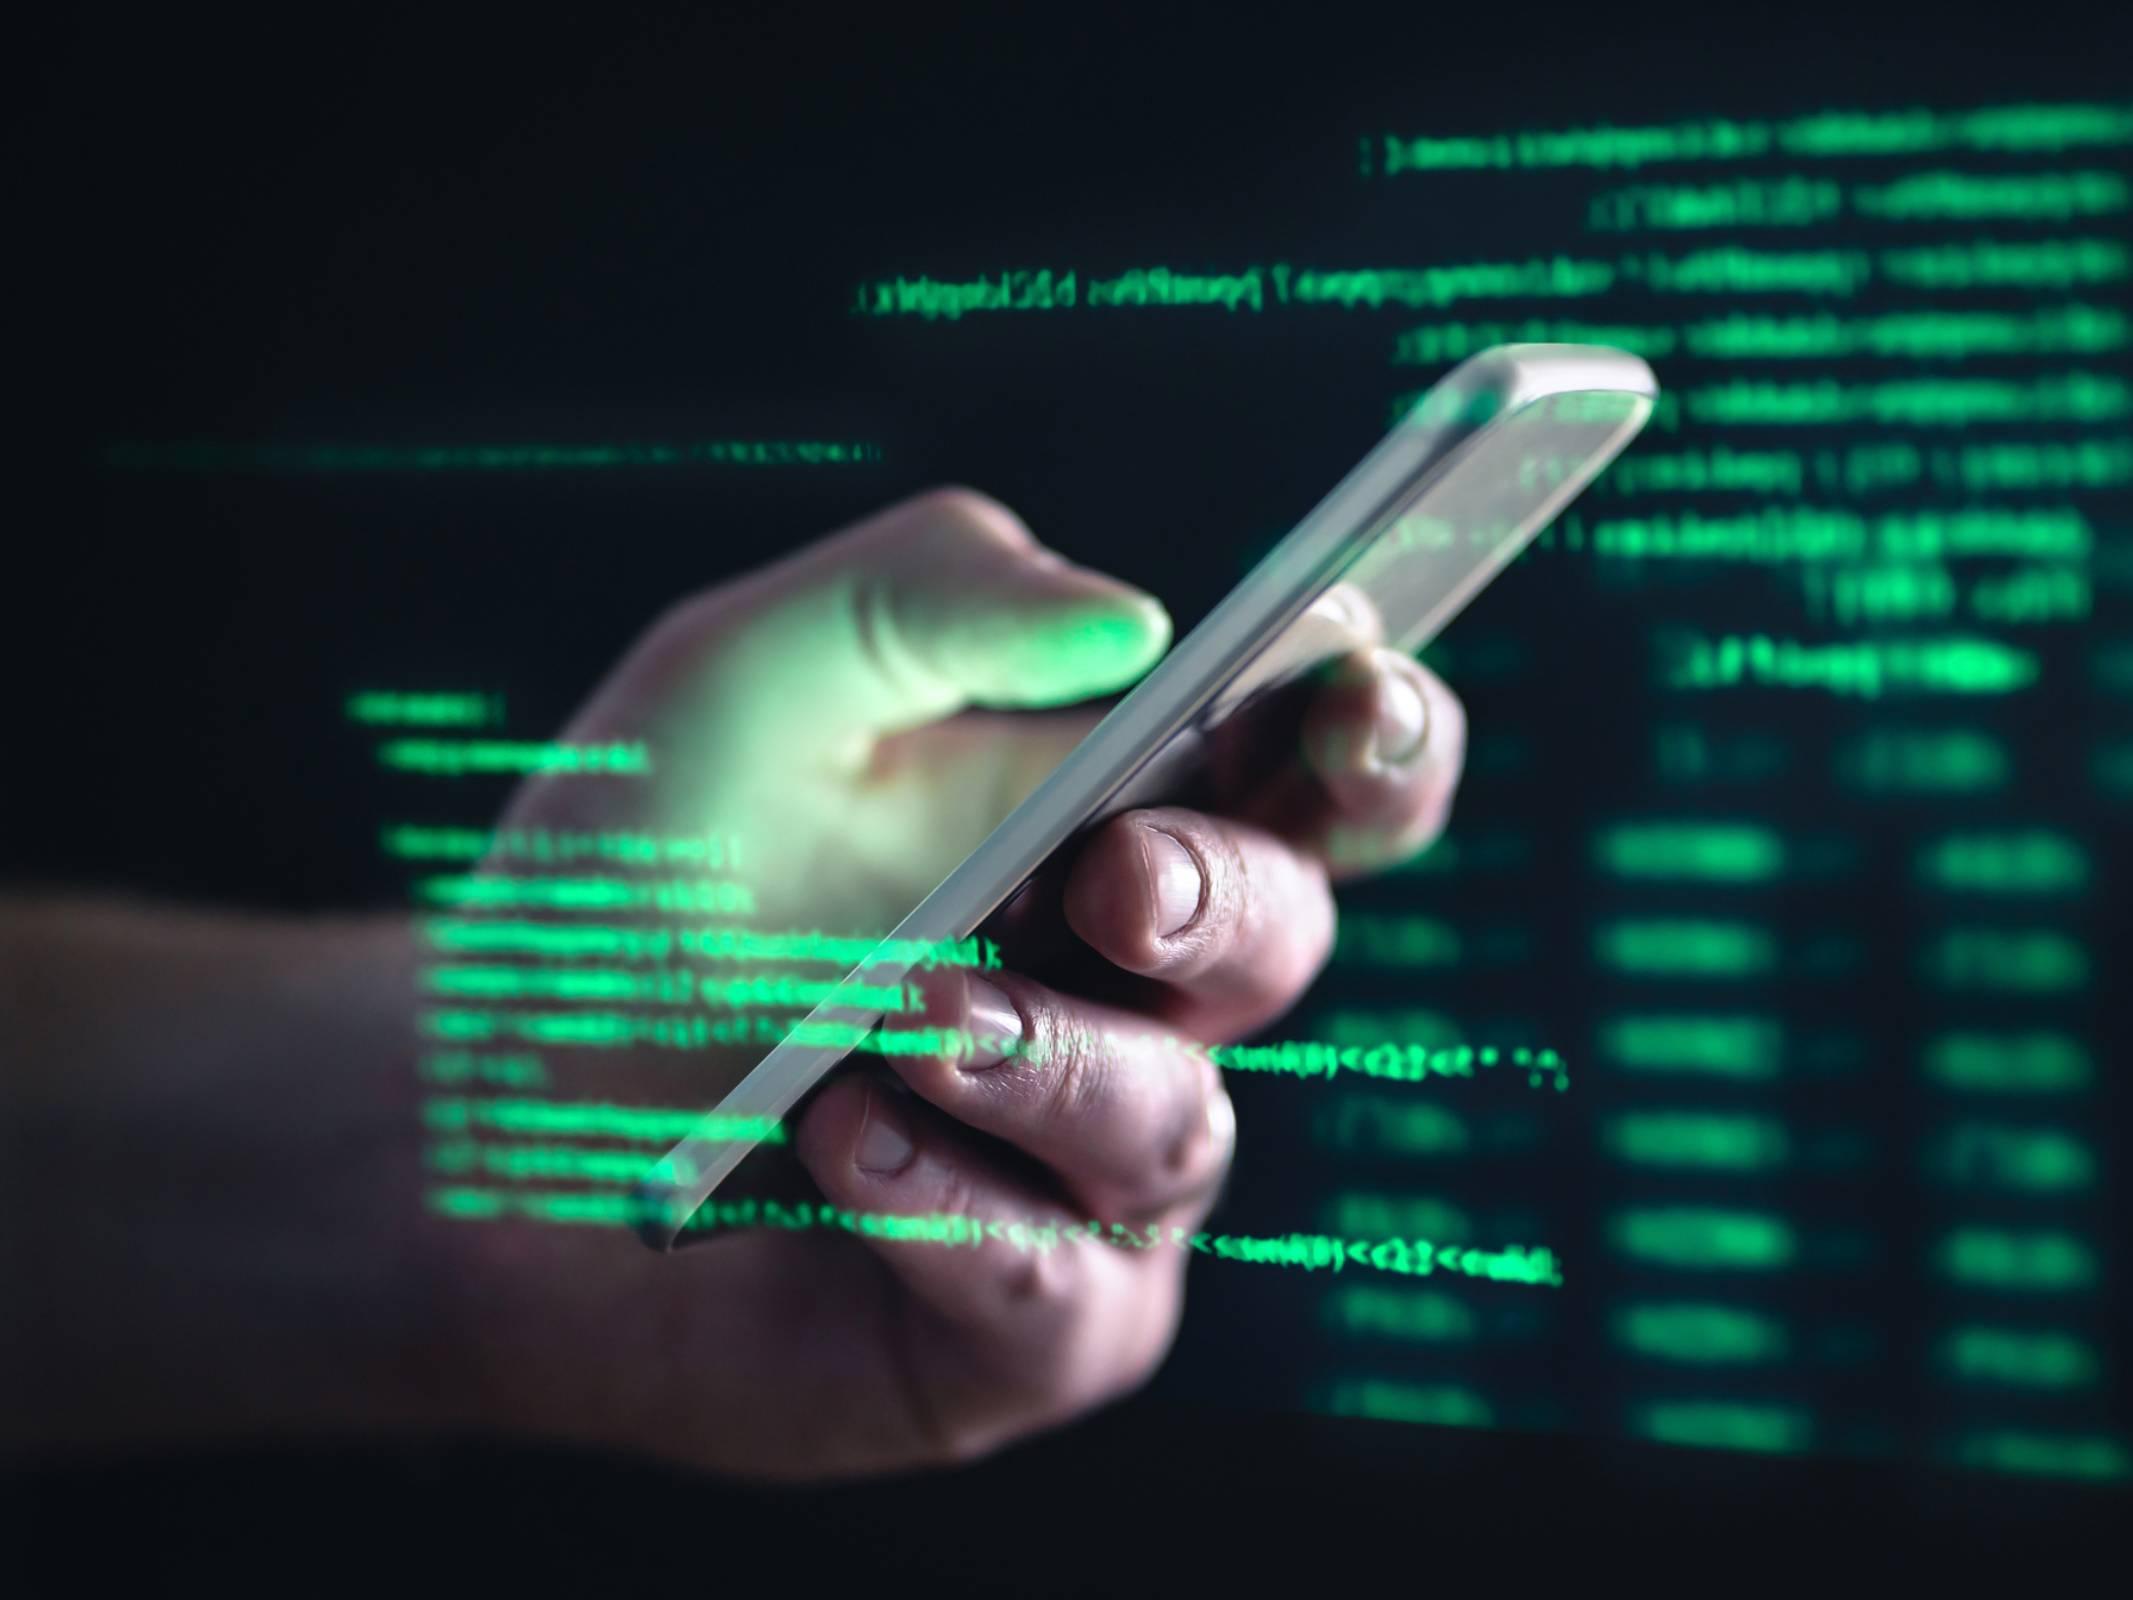 کنترل و ردیابی گوشی دیگران   other peoples mobile tracker